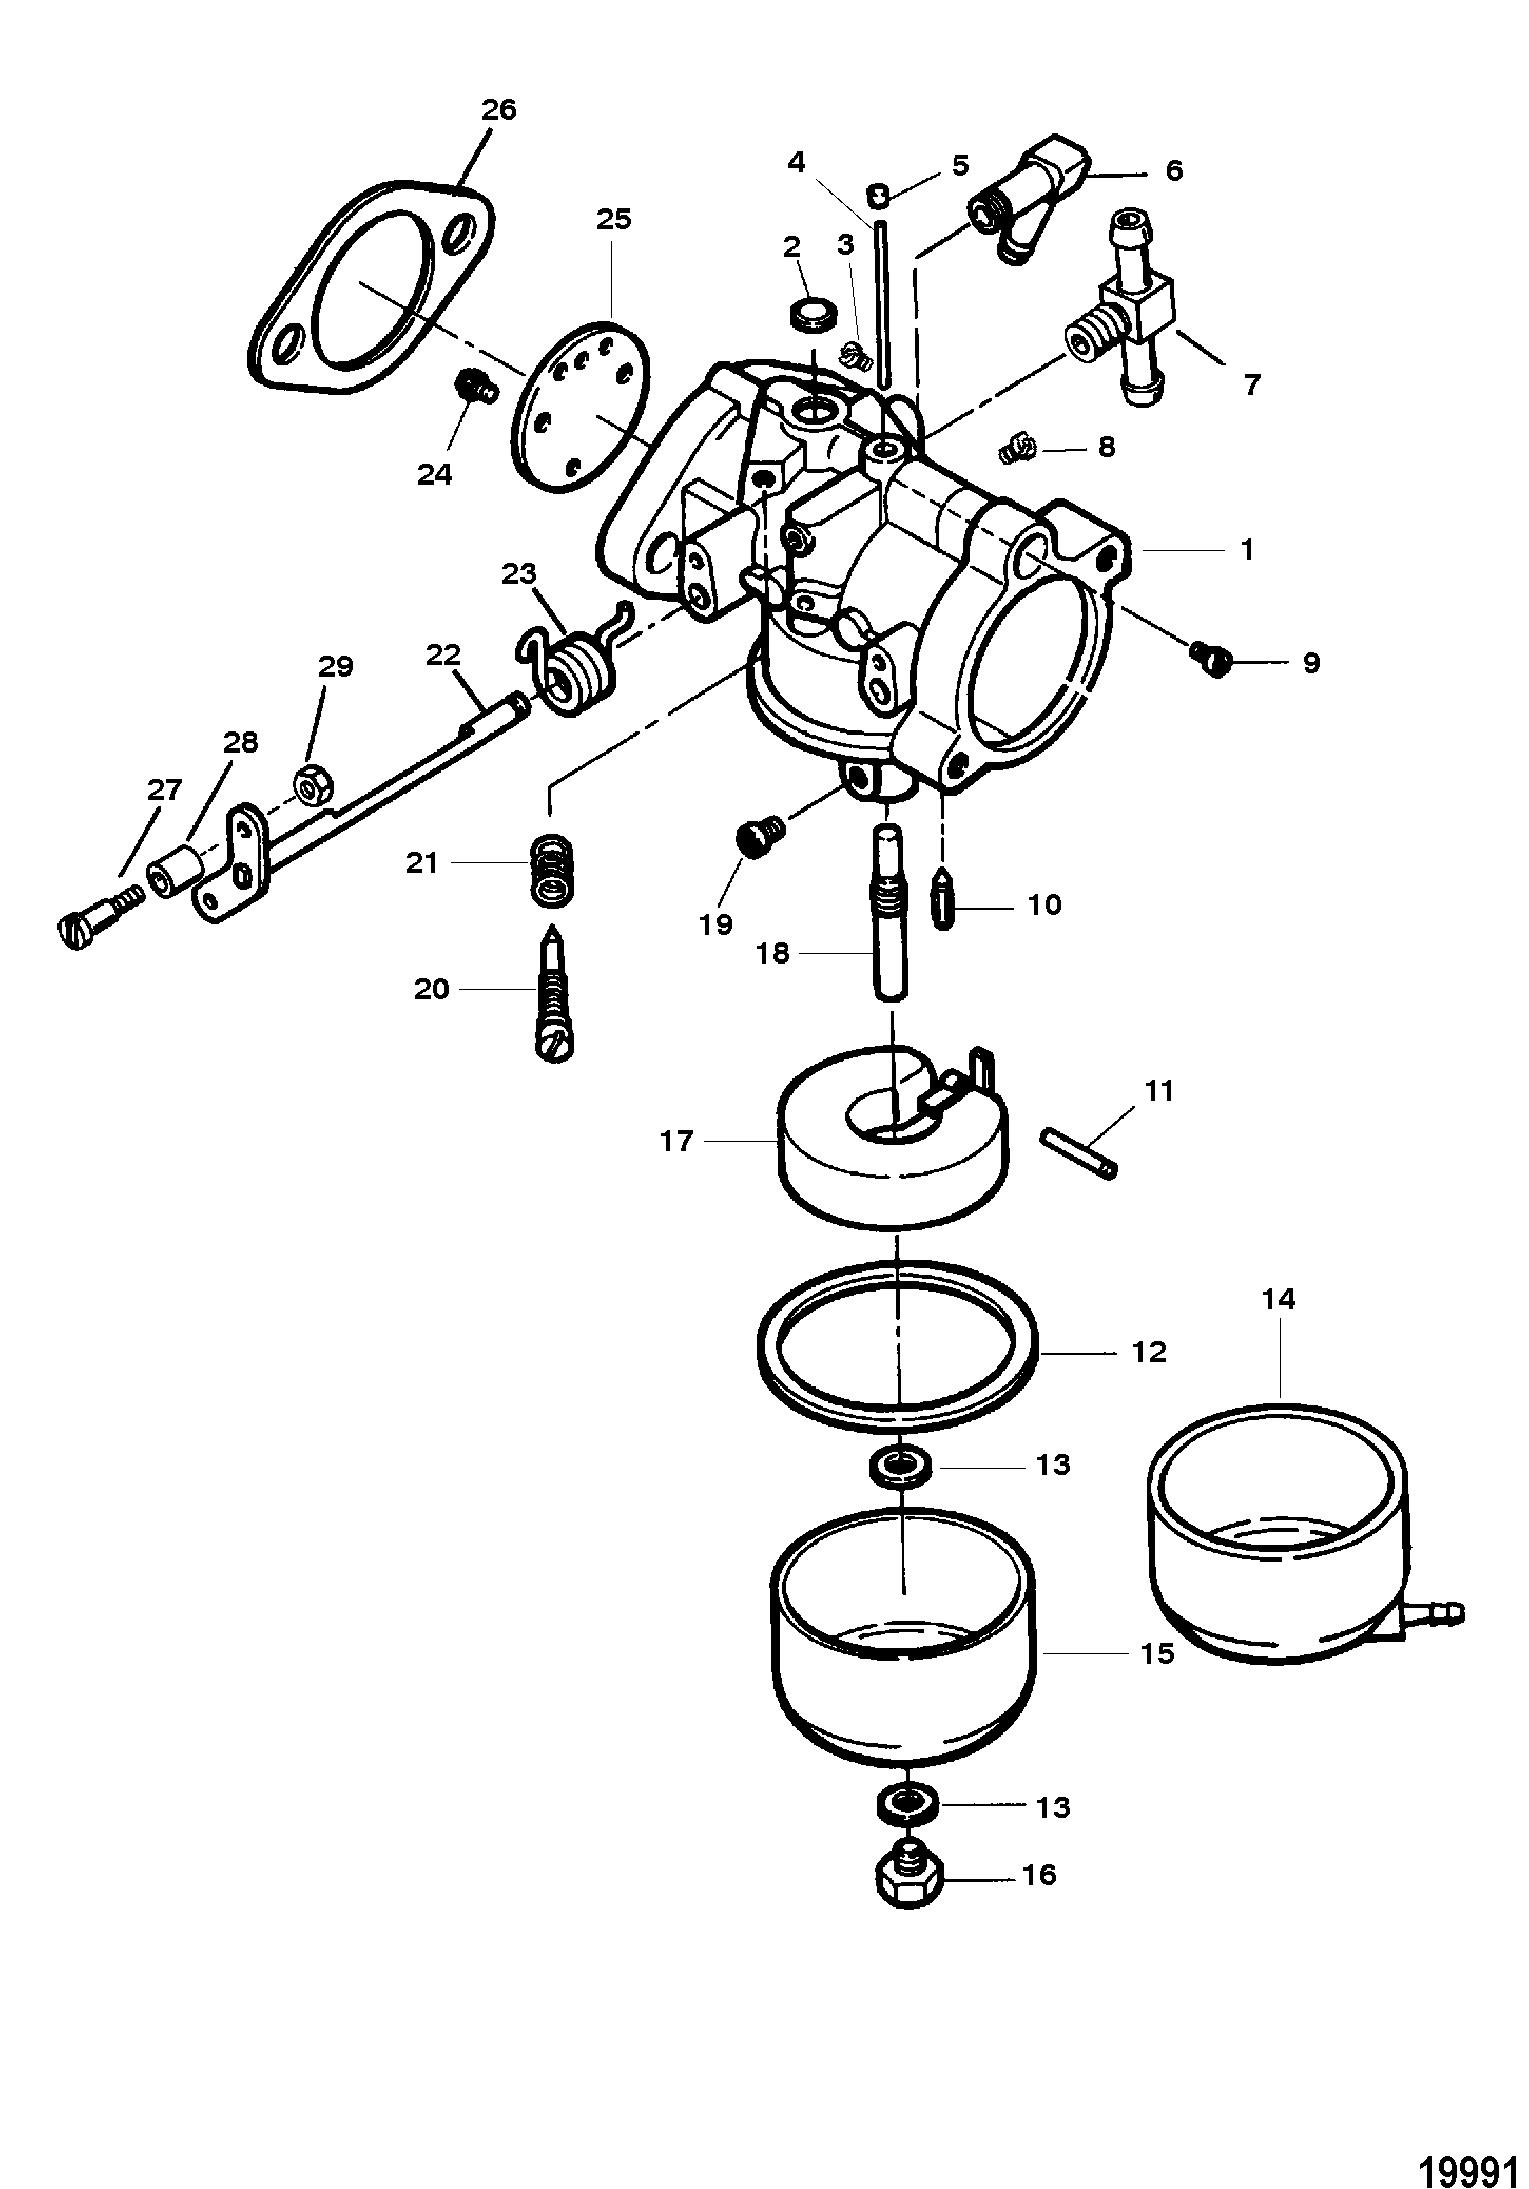 hight resolution of mercury force 90 h p 1997 0e203000 thru 0e287999 carburetor